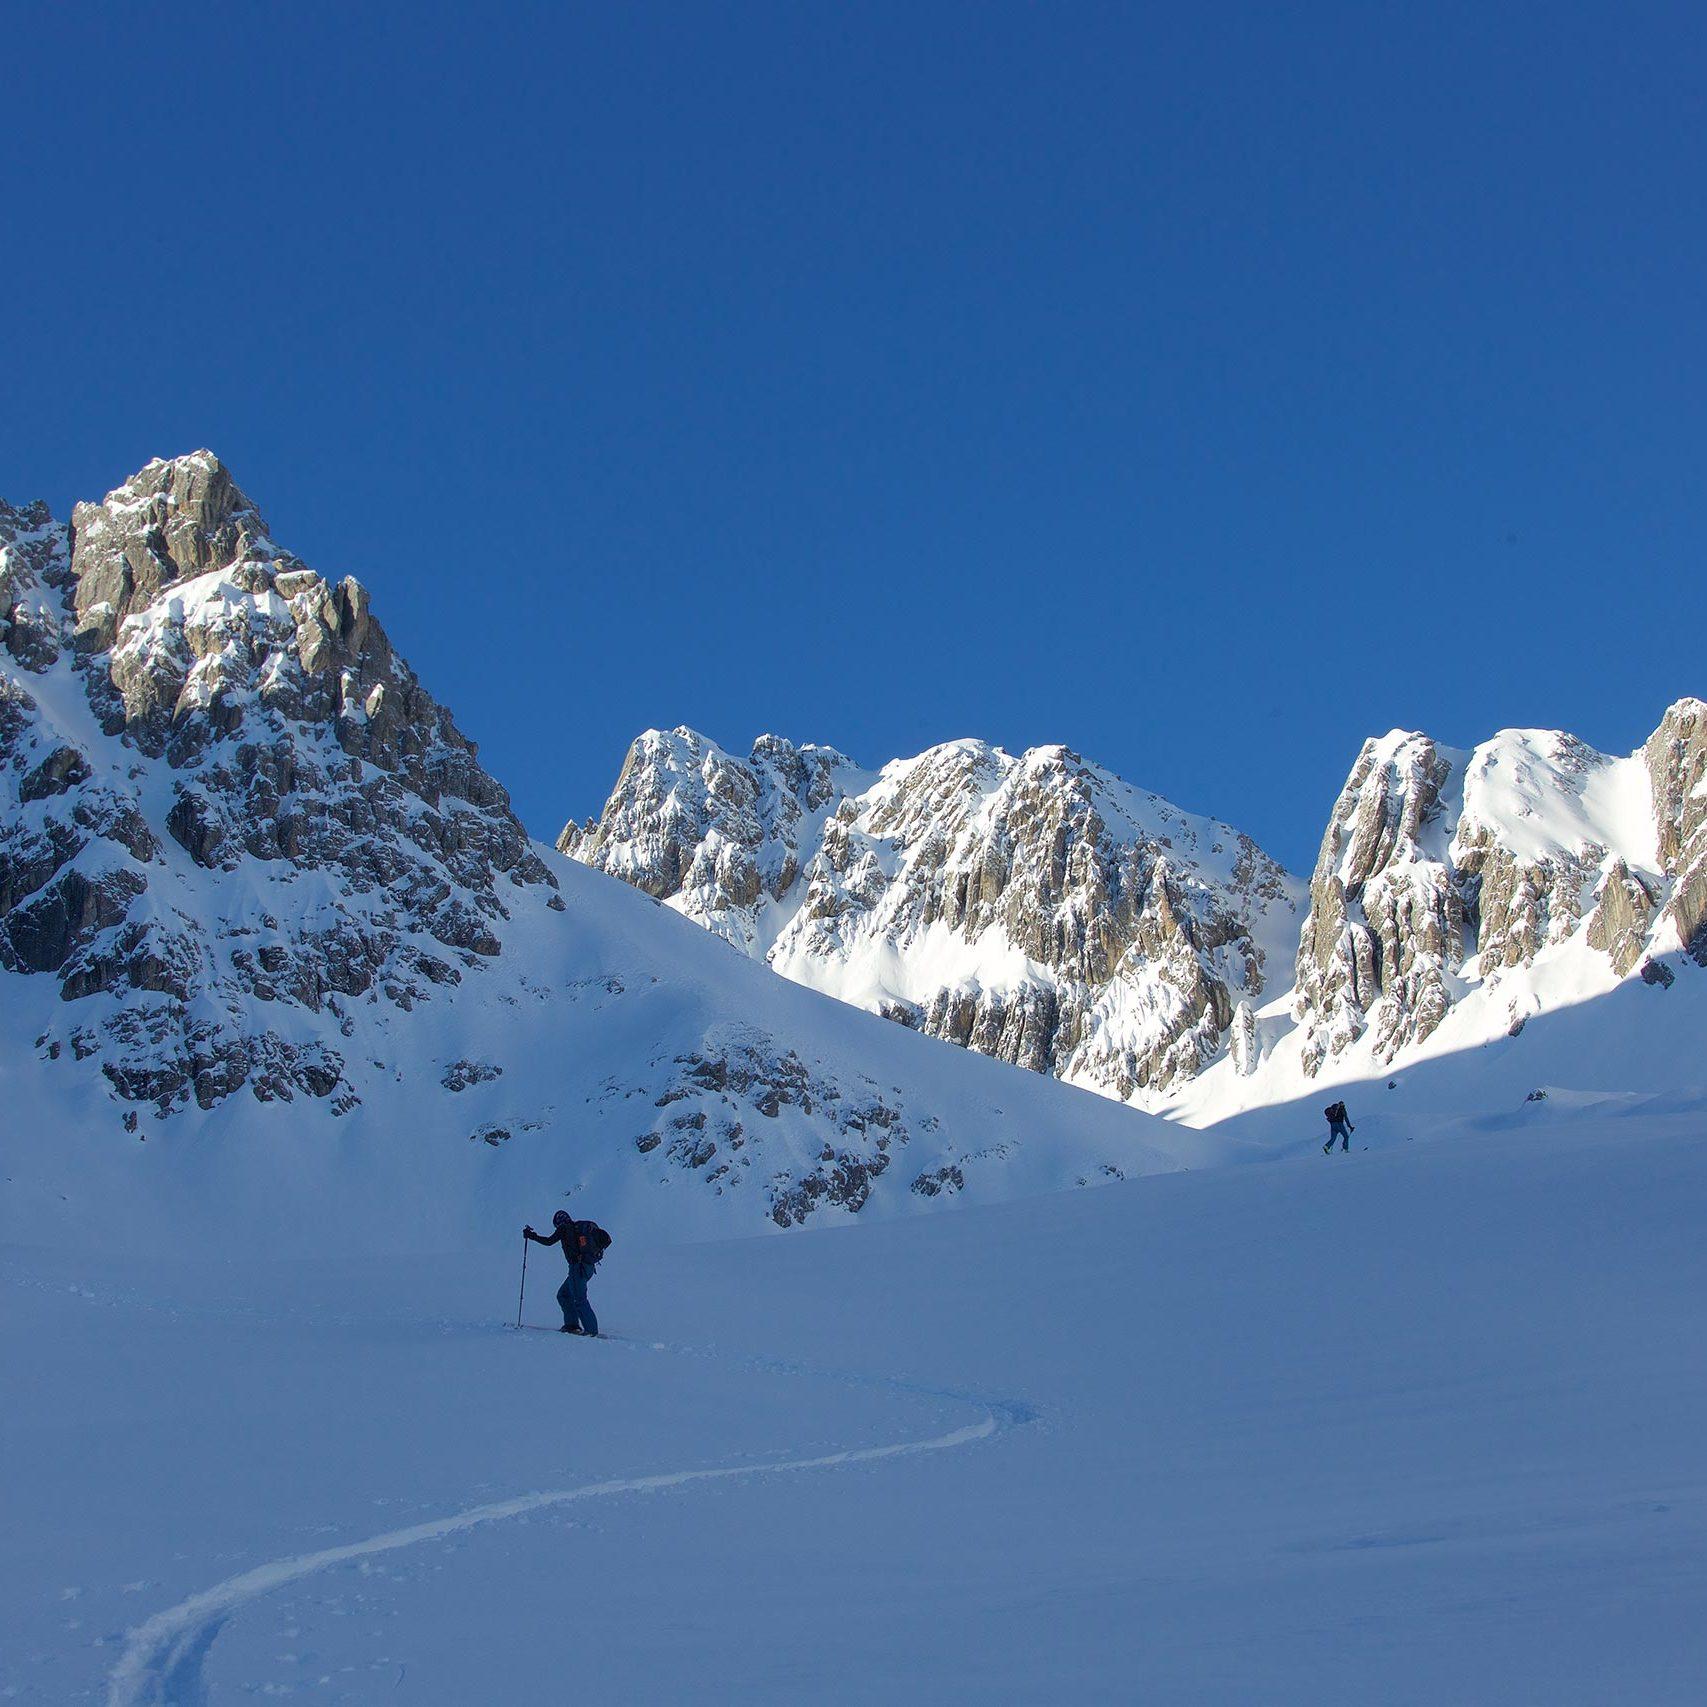 Skitouring_Slide